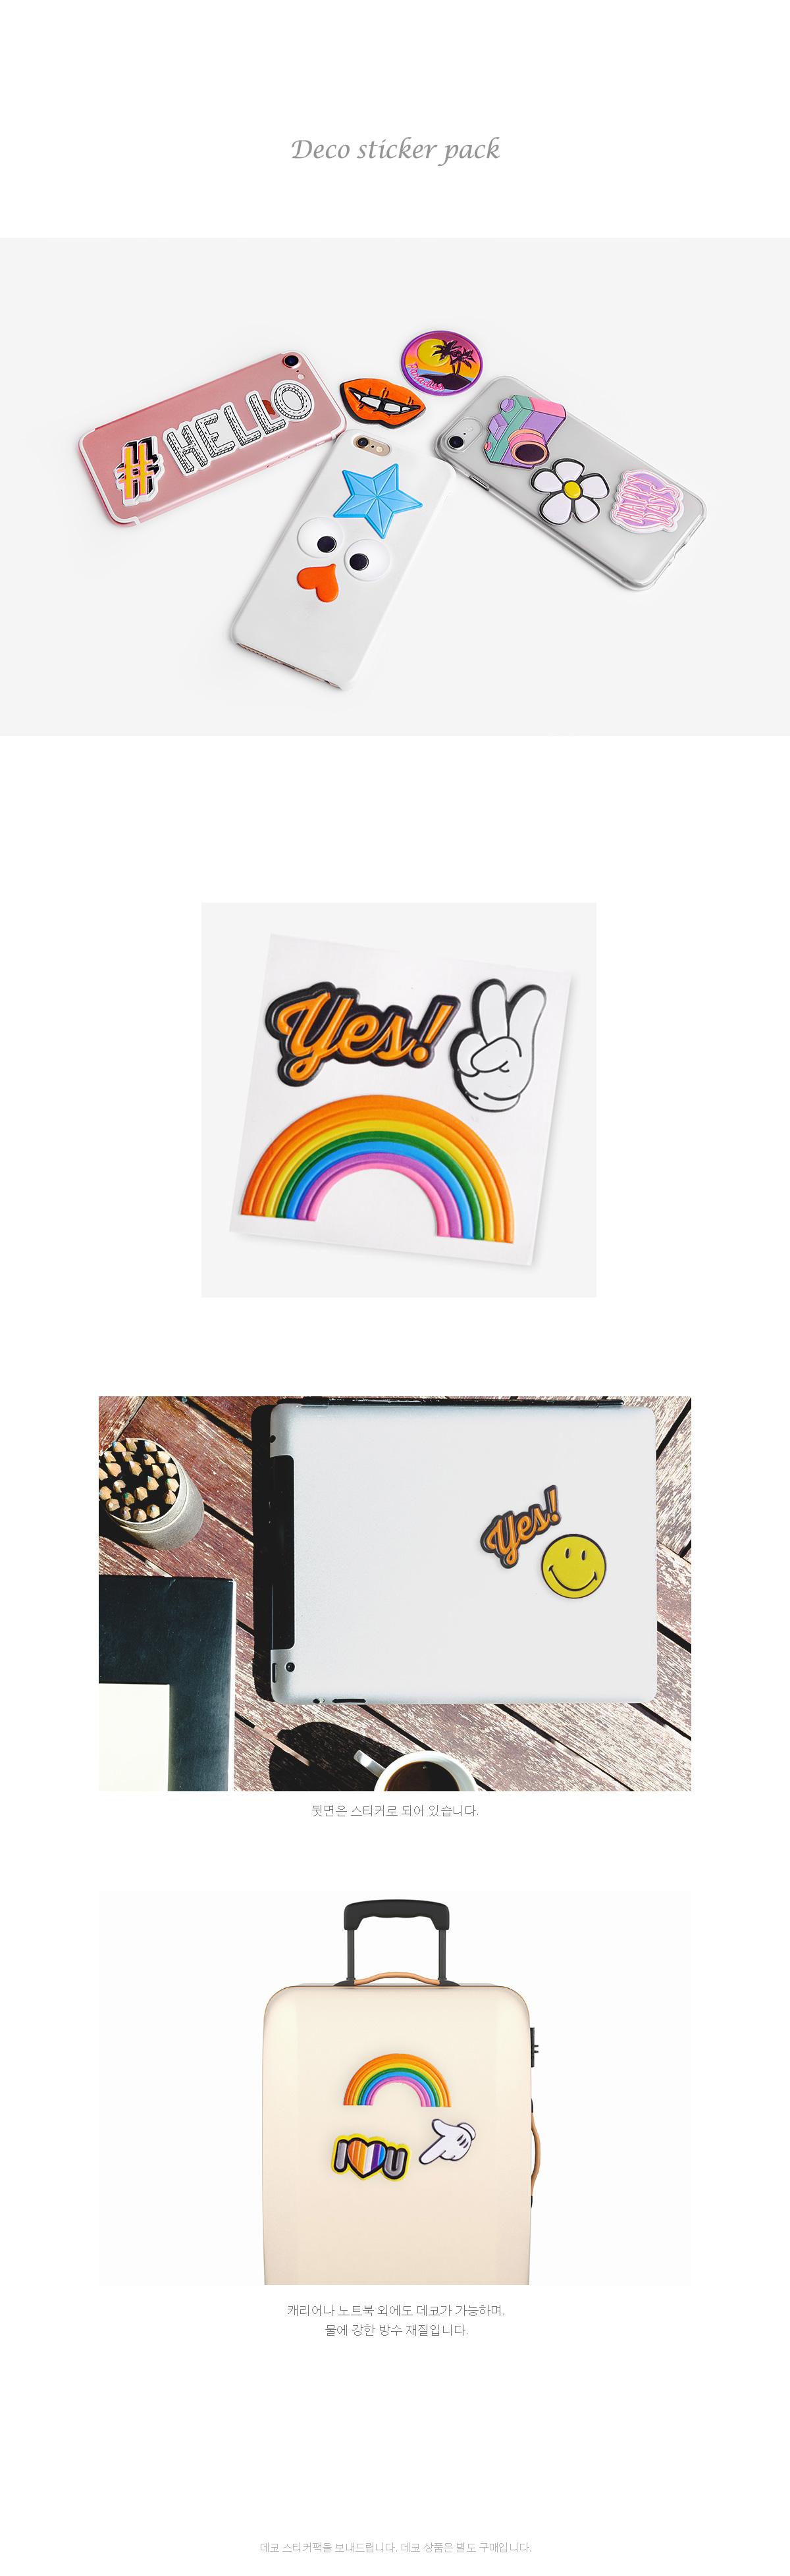 레인보우 방수 캐리어 데코 스티커팩 - 인디고샵, 3,000원, 스티커, 디자인스티커